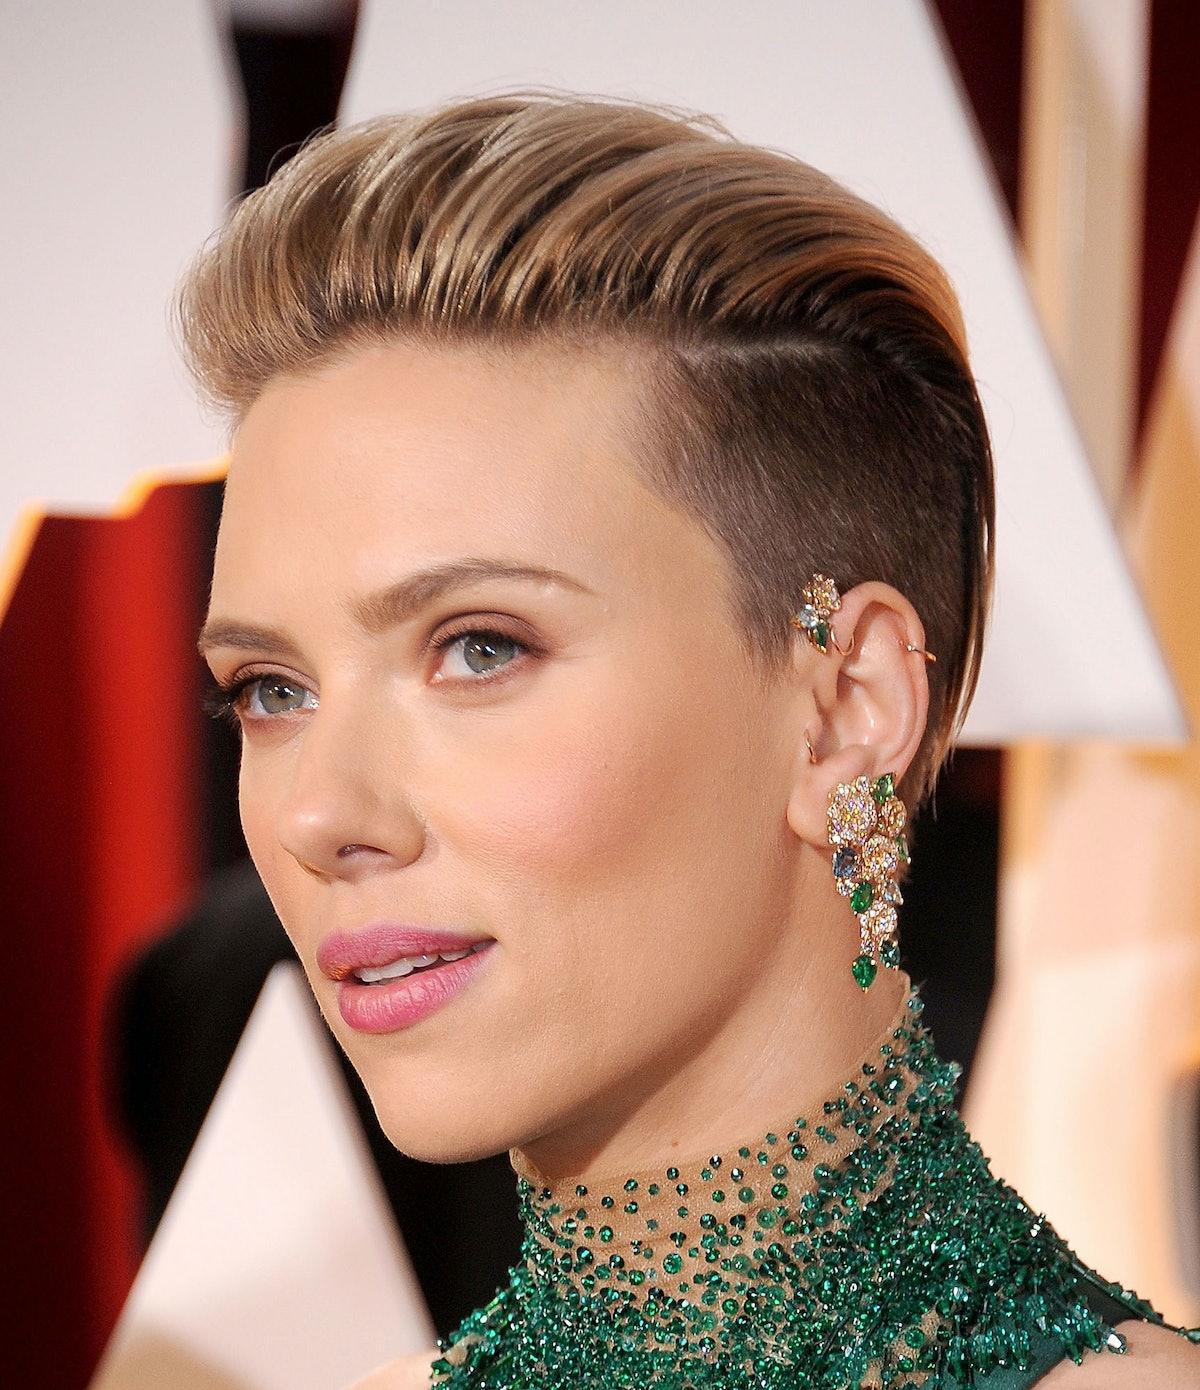 Scarlett Johansson in a Piaget ear cuff